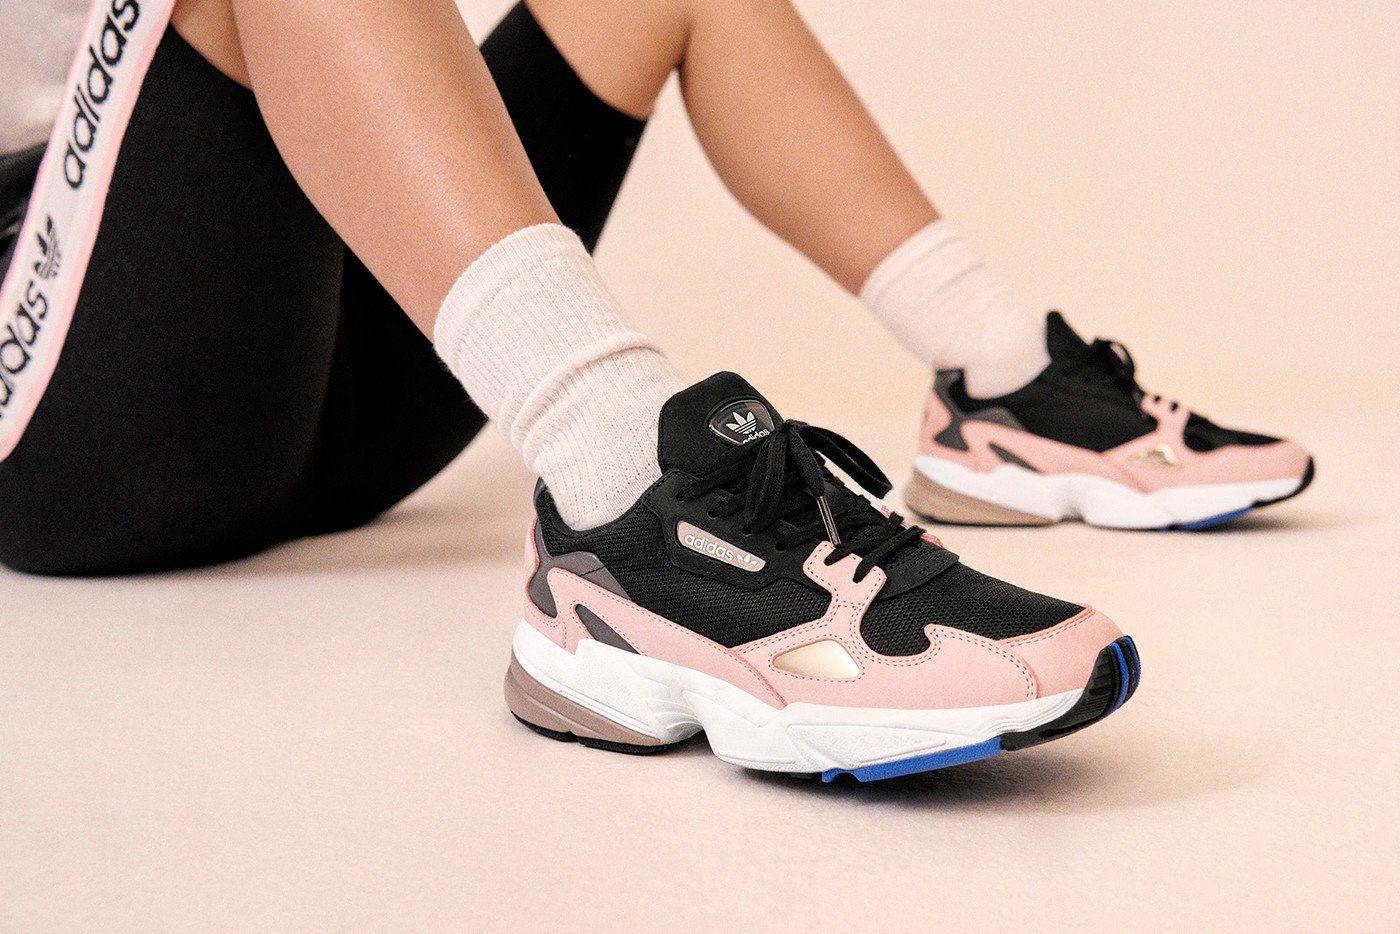 Adidas Originals Falcon W B28126 ROSE CLAIR NOIR Kylie